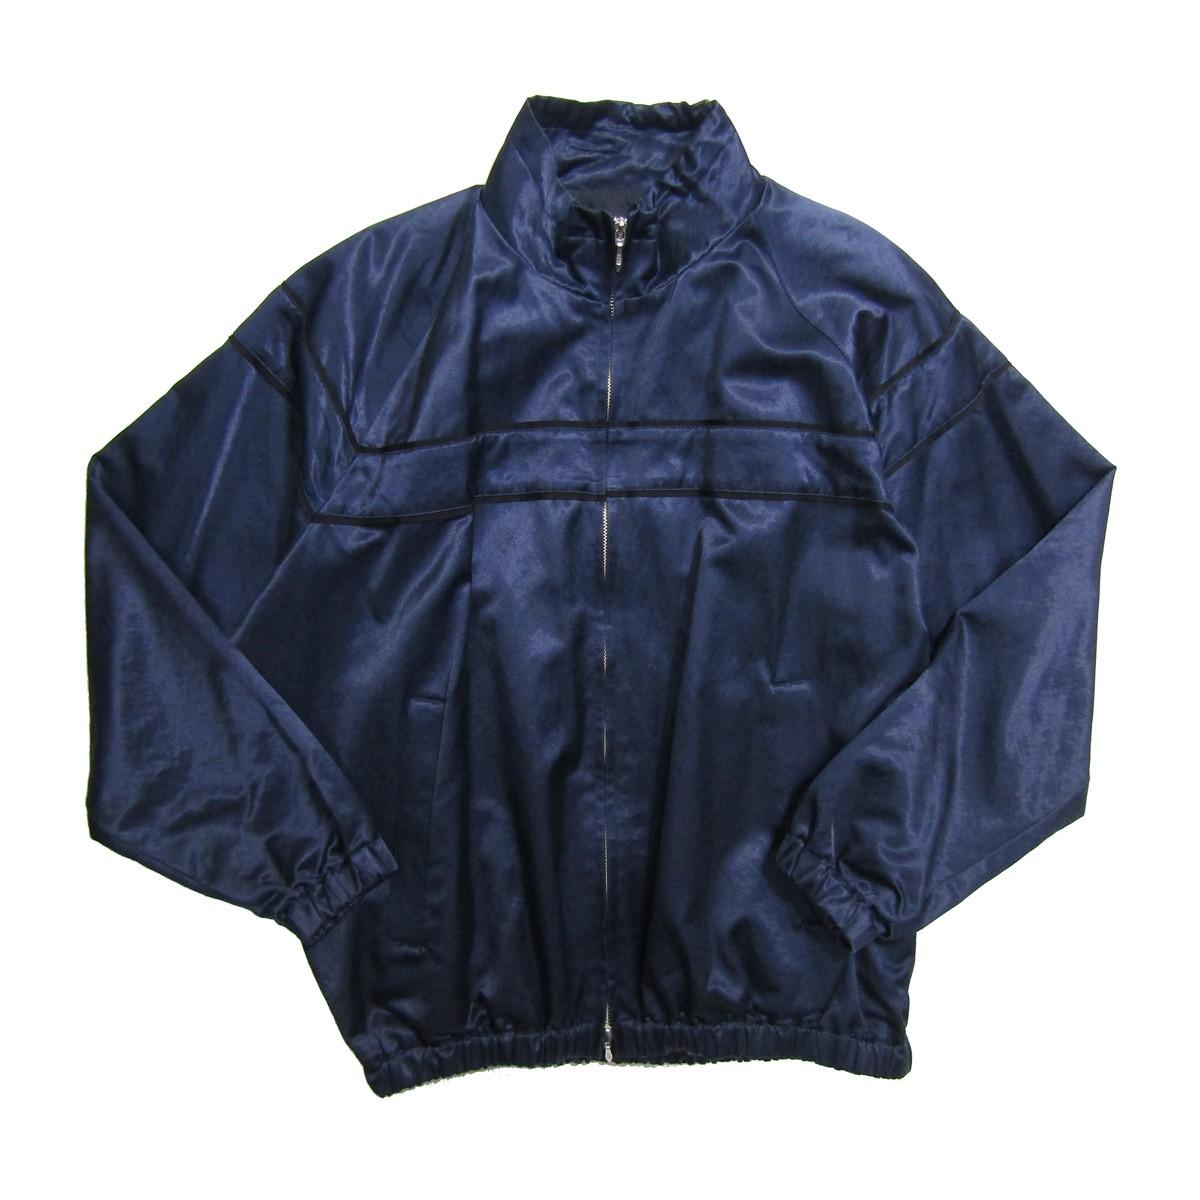 【中古】SUBTLE authentic ミリタリートラックジャケット ネイビー サイズ:02 【010320】(サートルオーセンティック)